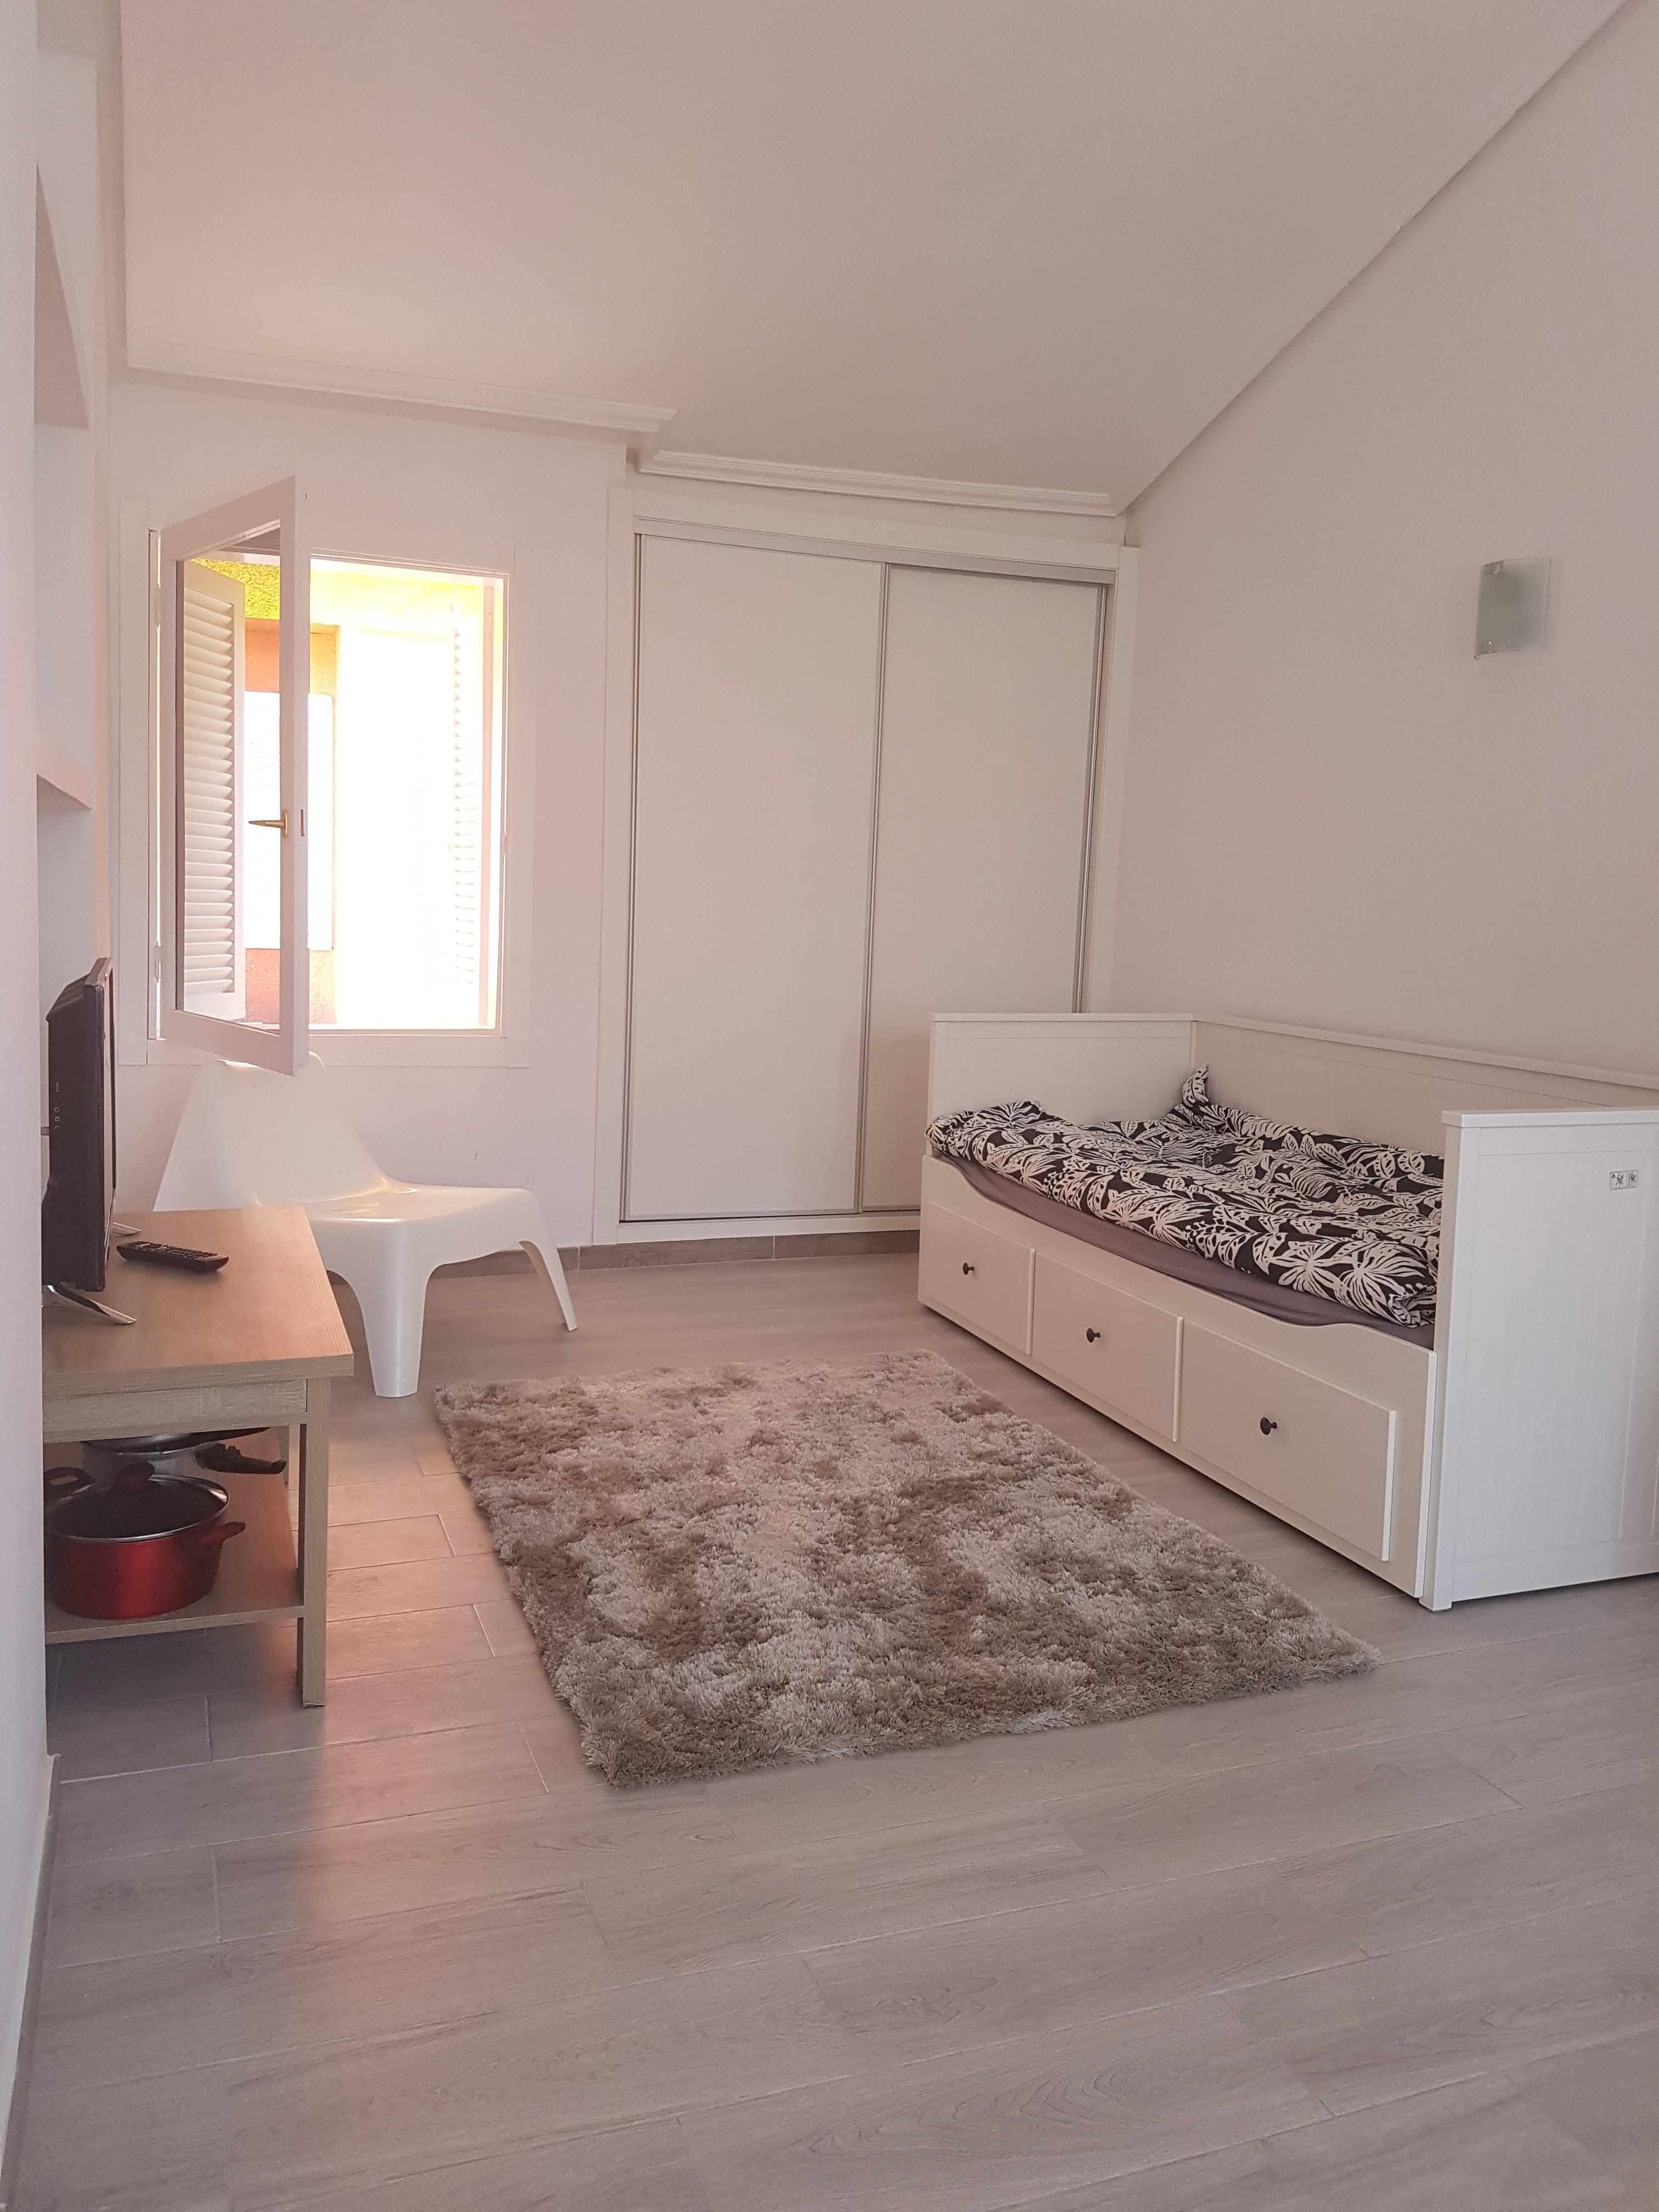 [AP-128] Flat 1 Bedroom In Costa Adeje